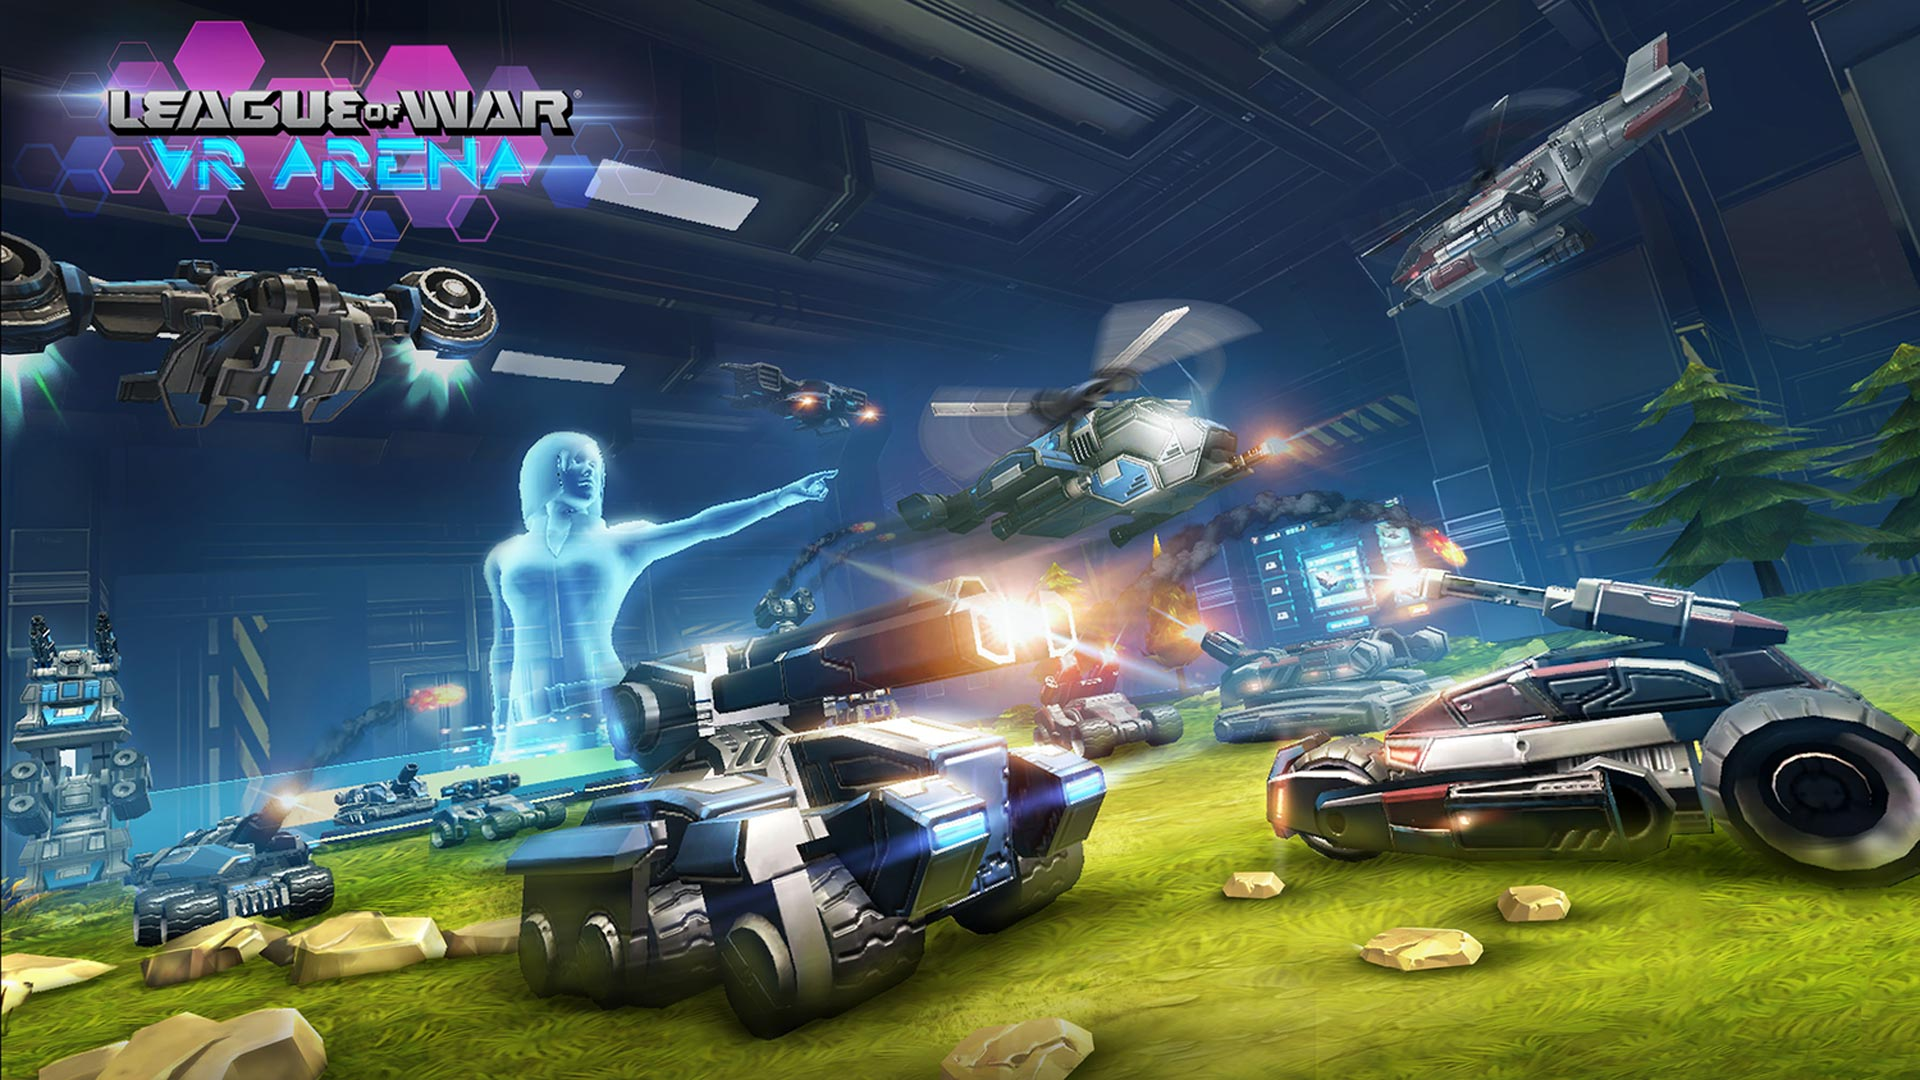 League of War VR Arena PlayStation VR - vrplayer.fr